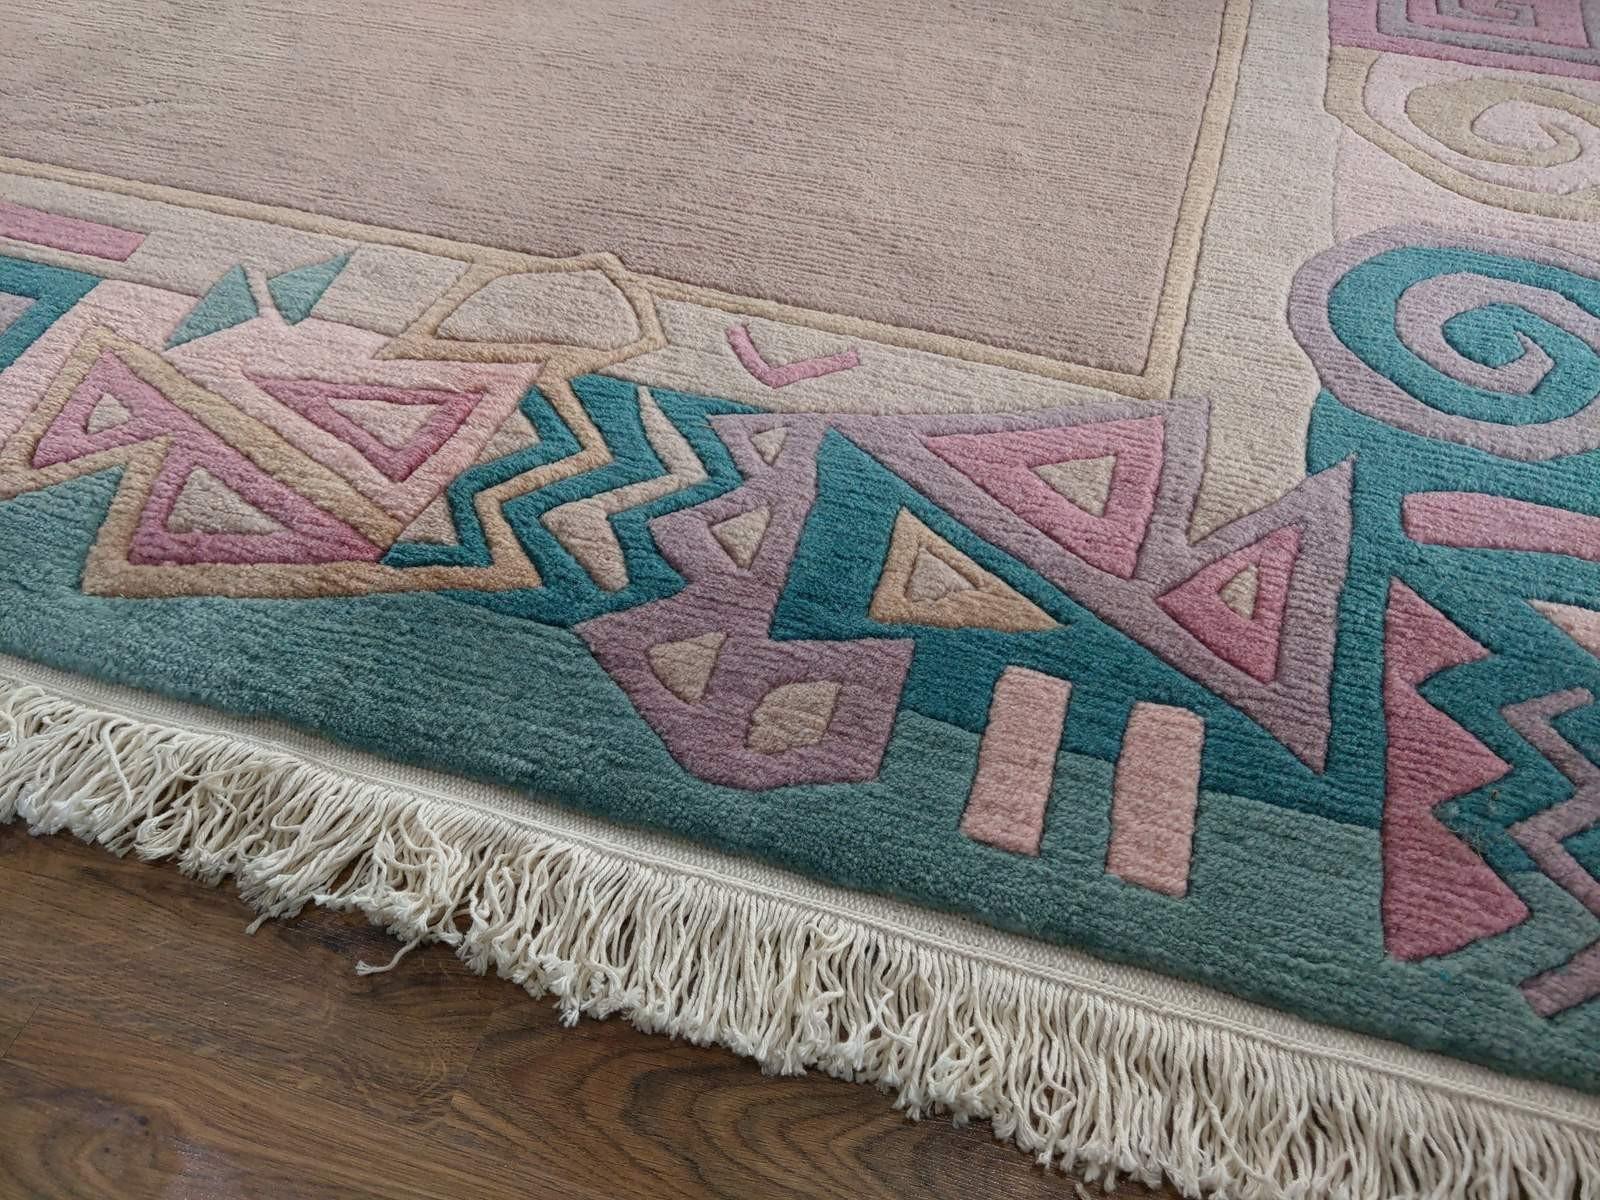 Dywan pastelowe kolory jak nowy komfort 190x290cm Galeria